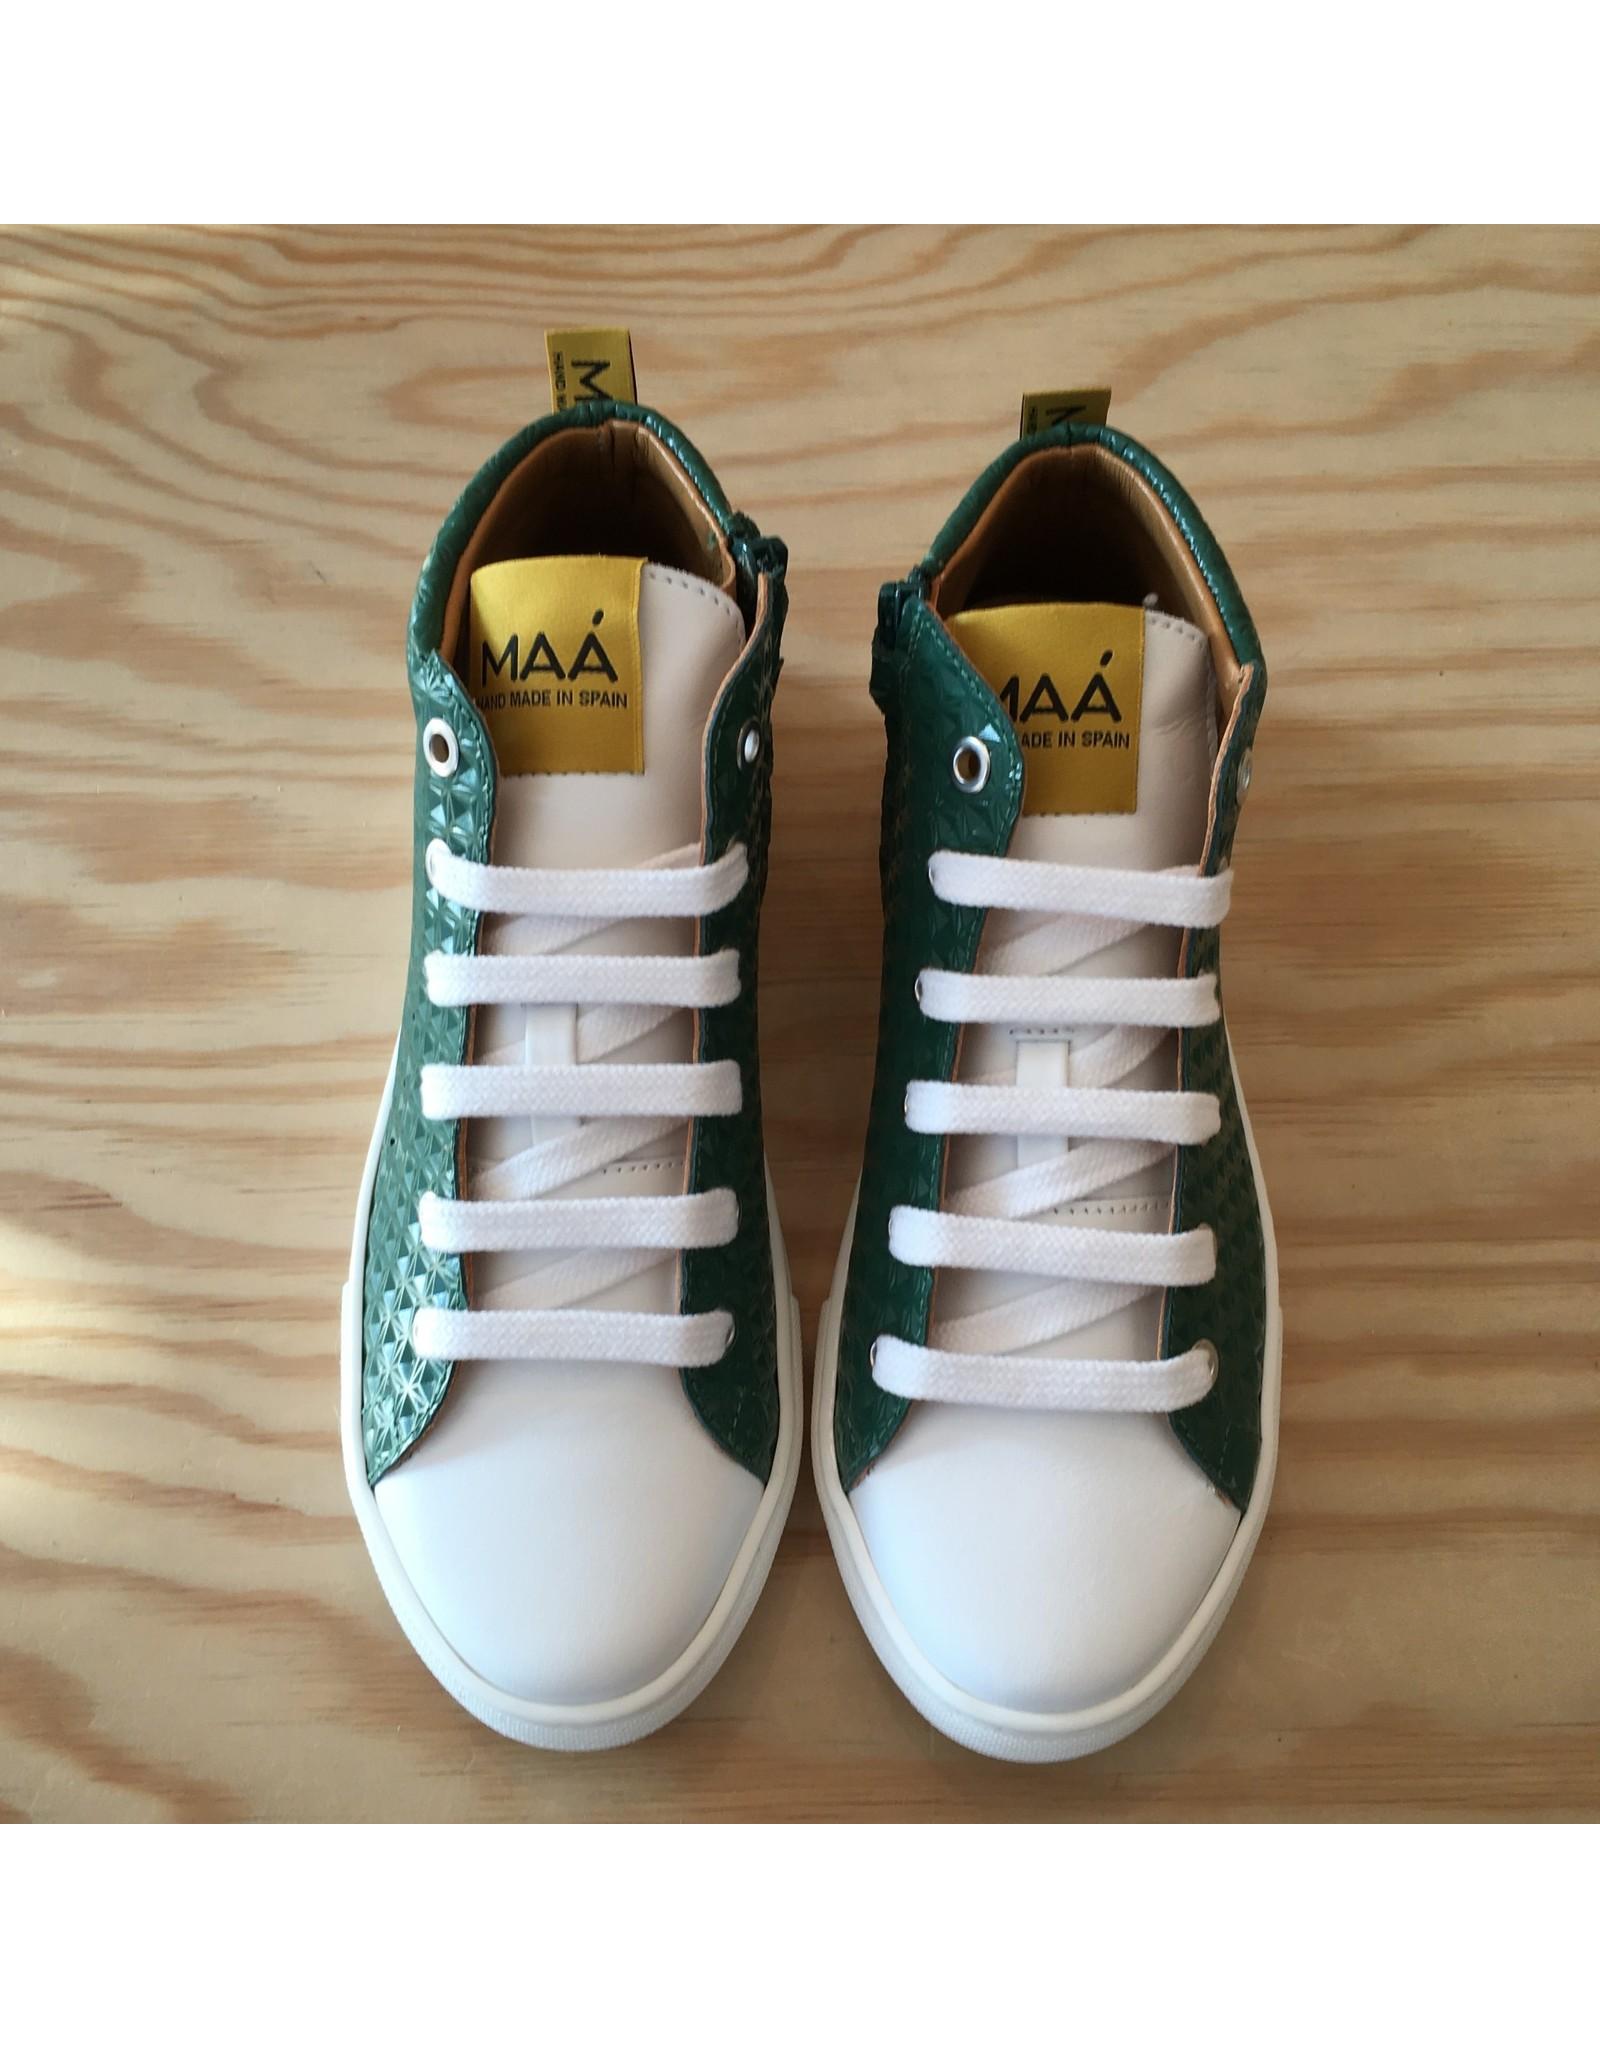 MAA MAA C355 ELLIS GREEN TECHNIC WHITE